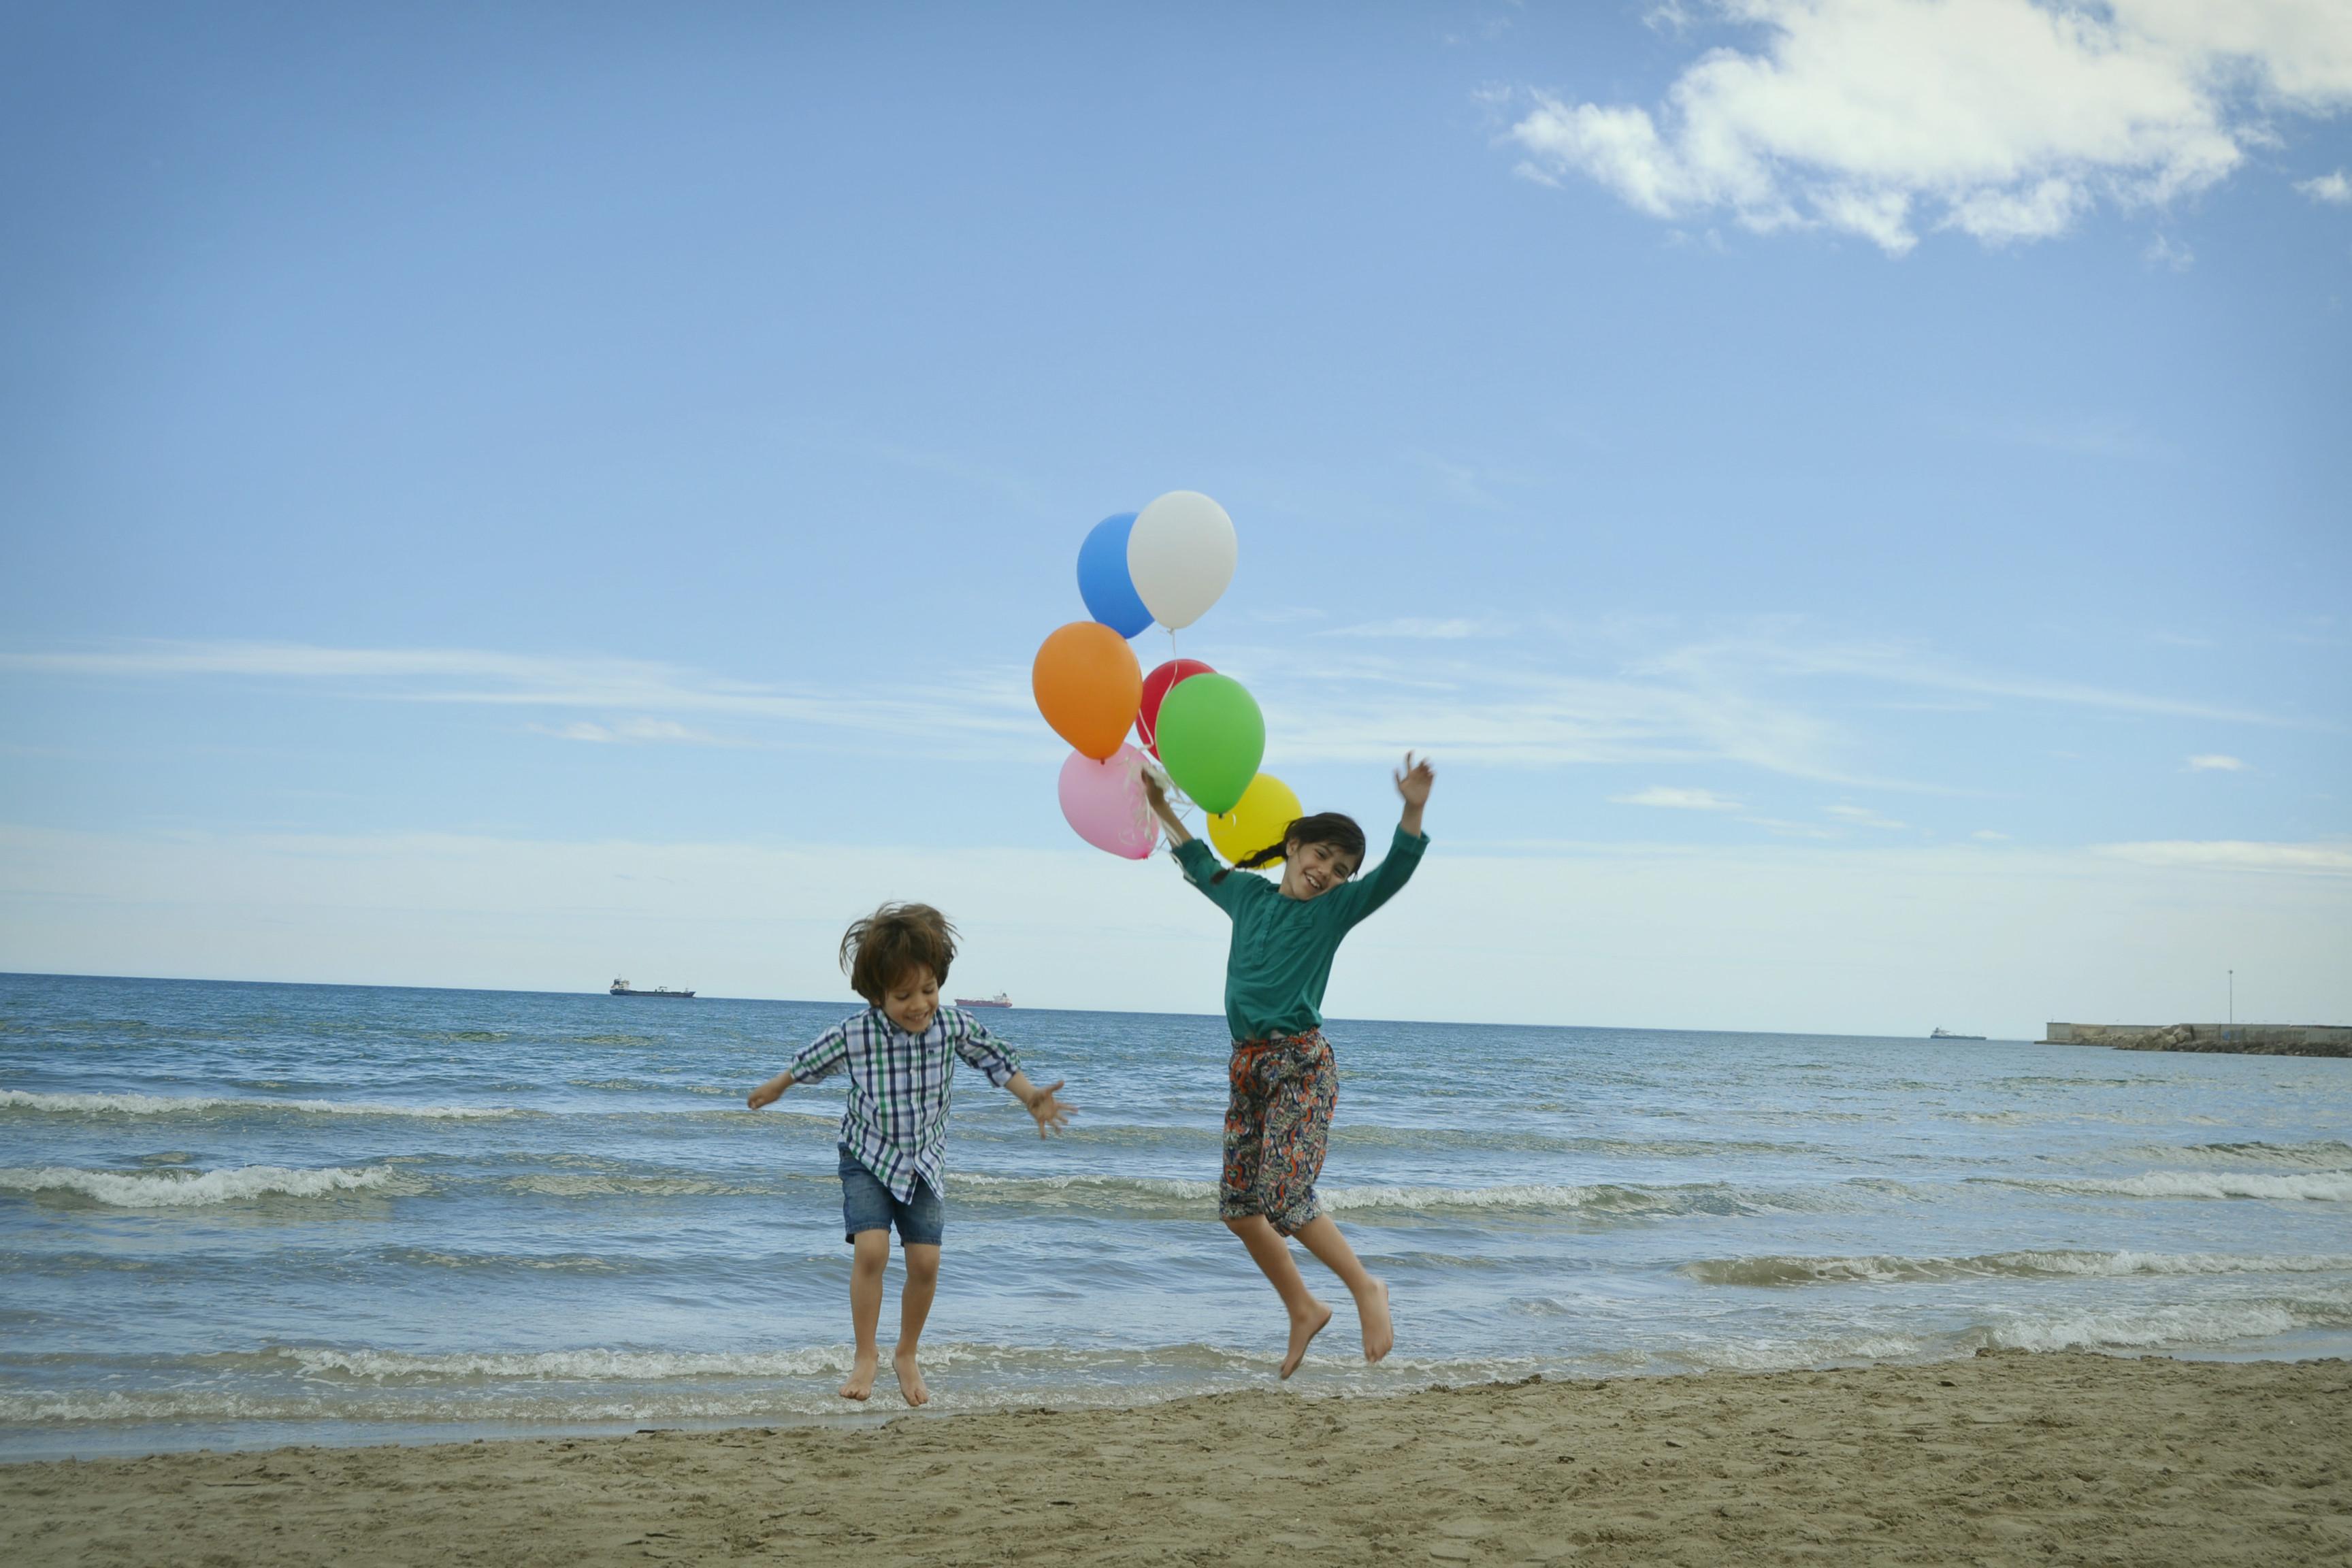 Globos de helio para hacer fotos bonitas